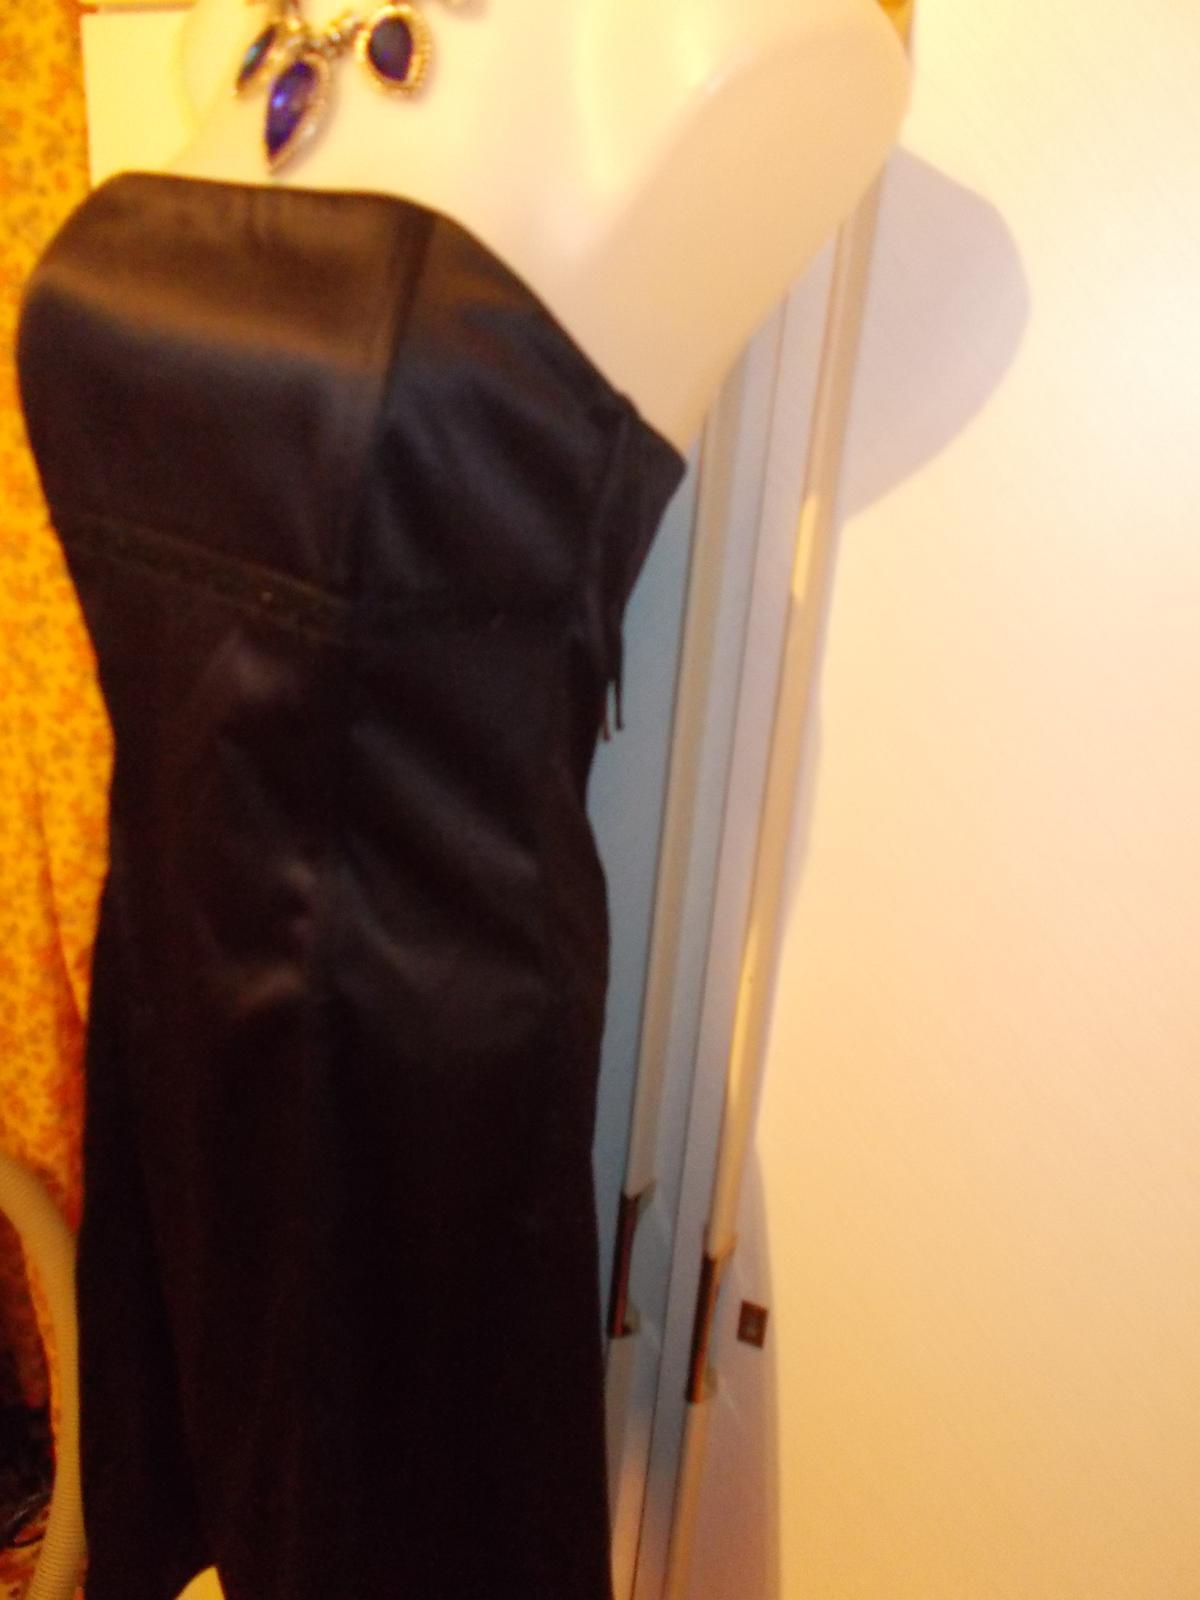 korzetové saténové šaty Chantall veľ, 40 - Obrázok č. 4